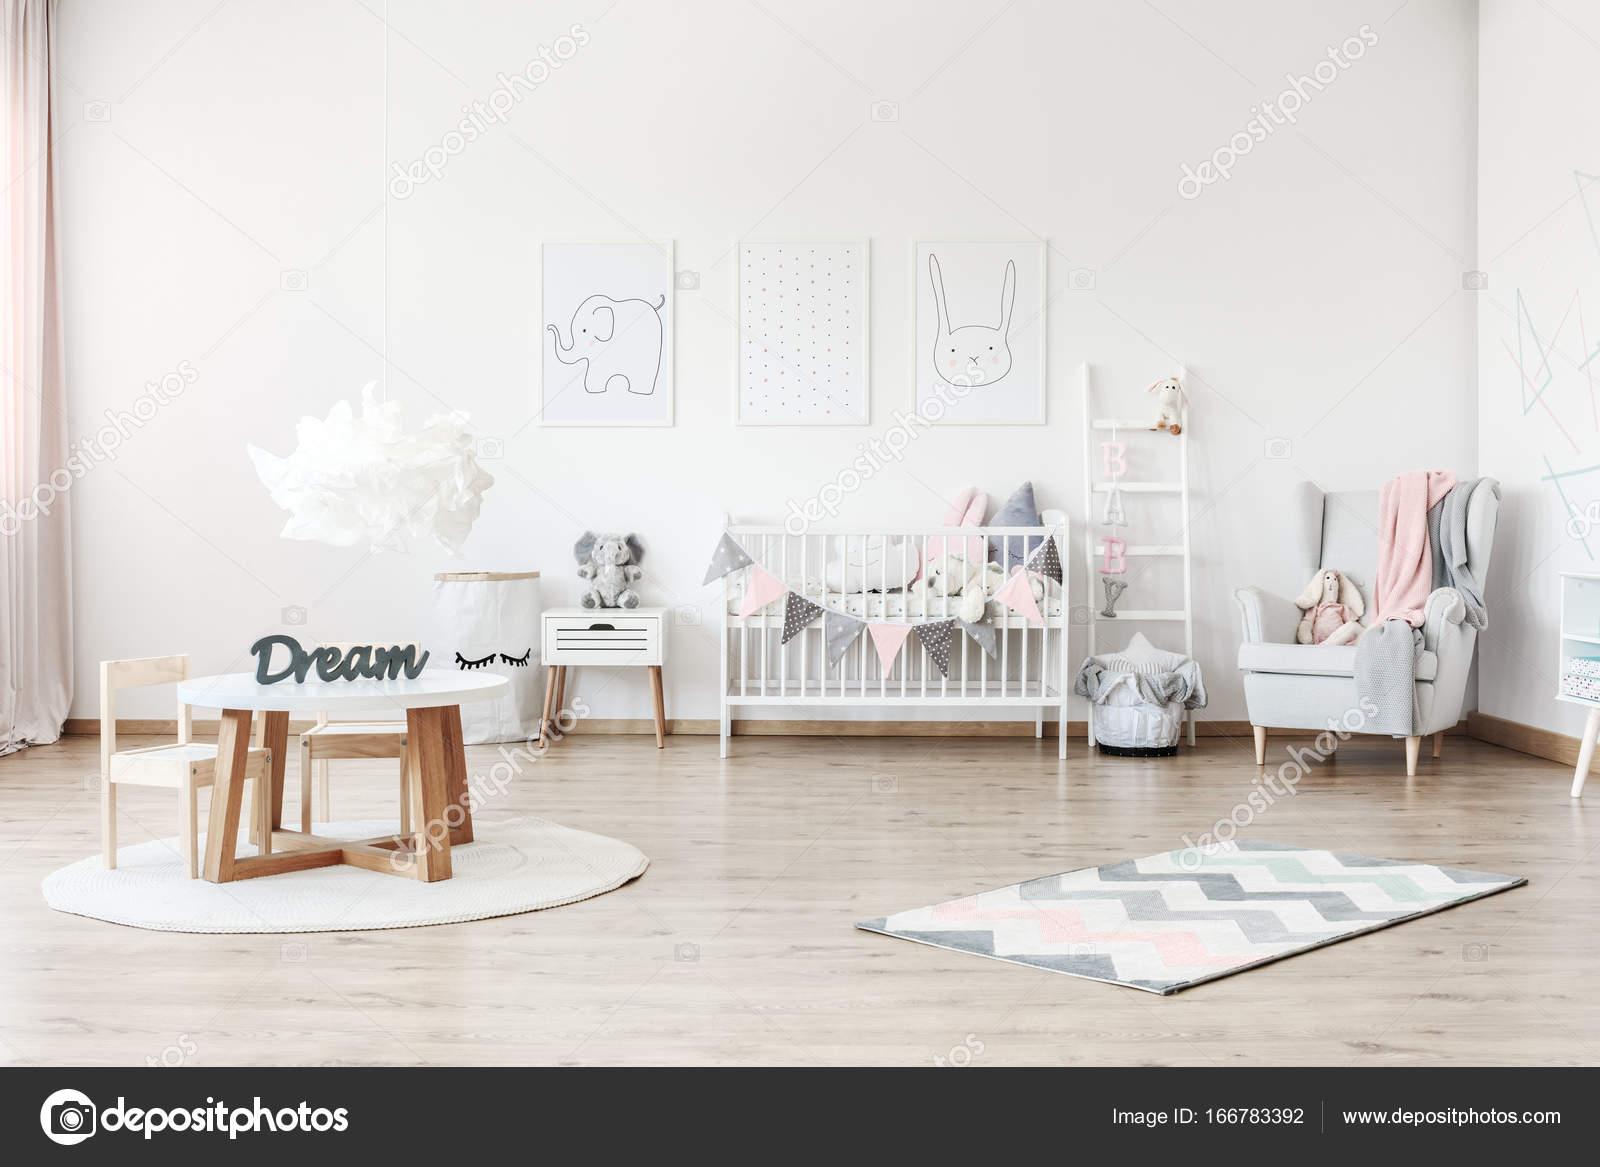 Pastell Kinderzimmer Mit Tisch Stockfoto C Photographee Eu 166783392